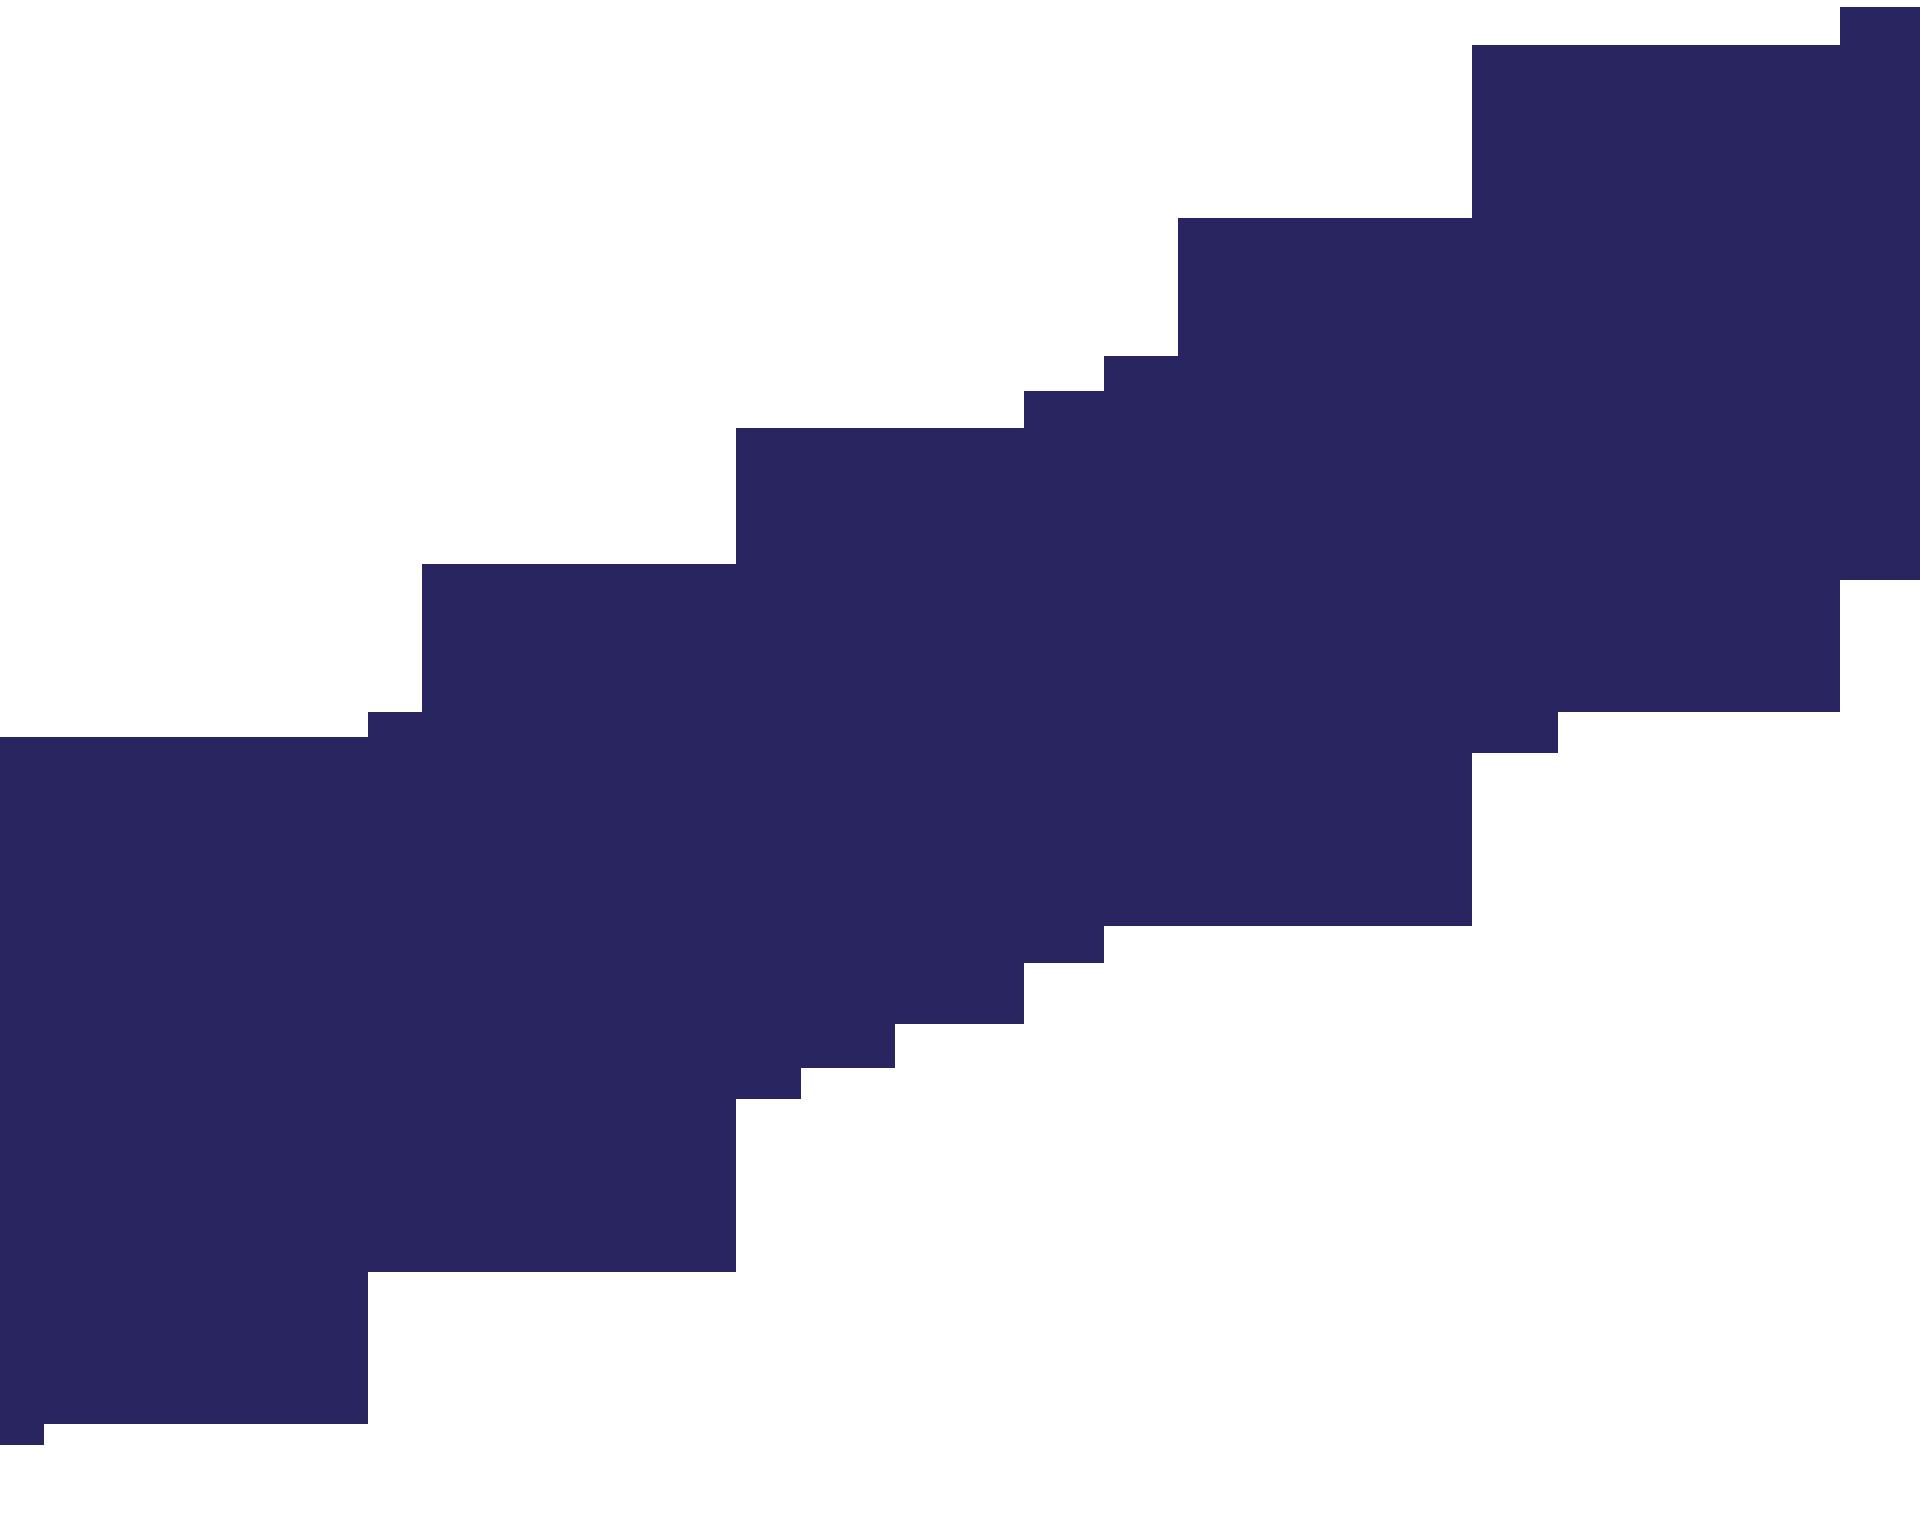 Plava linija